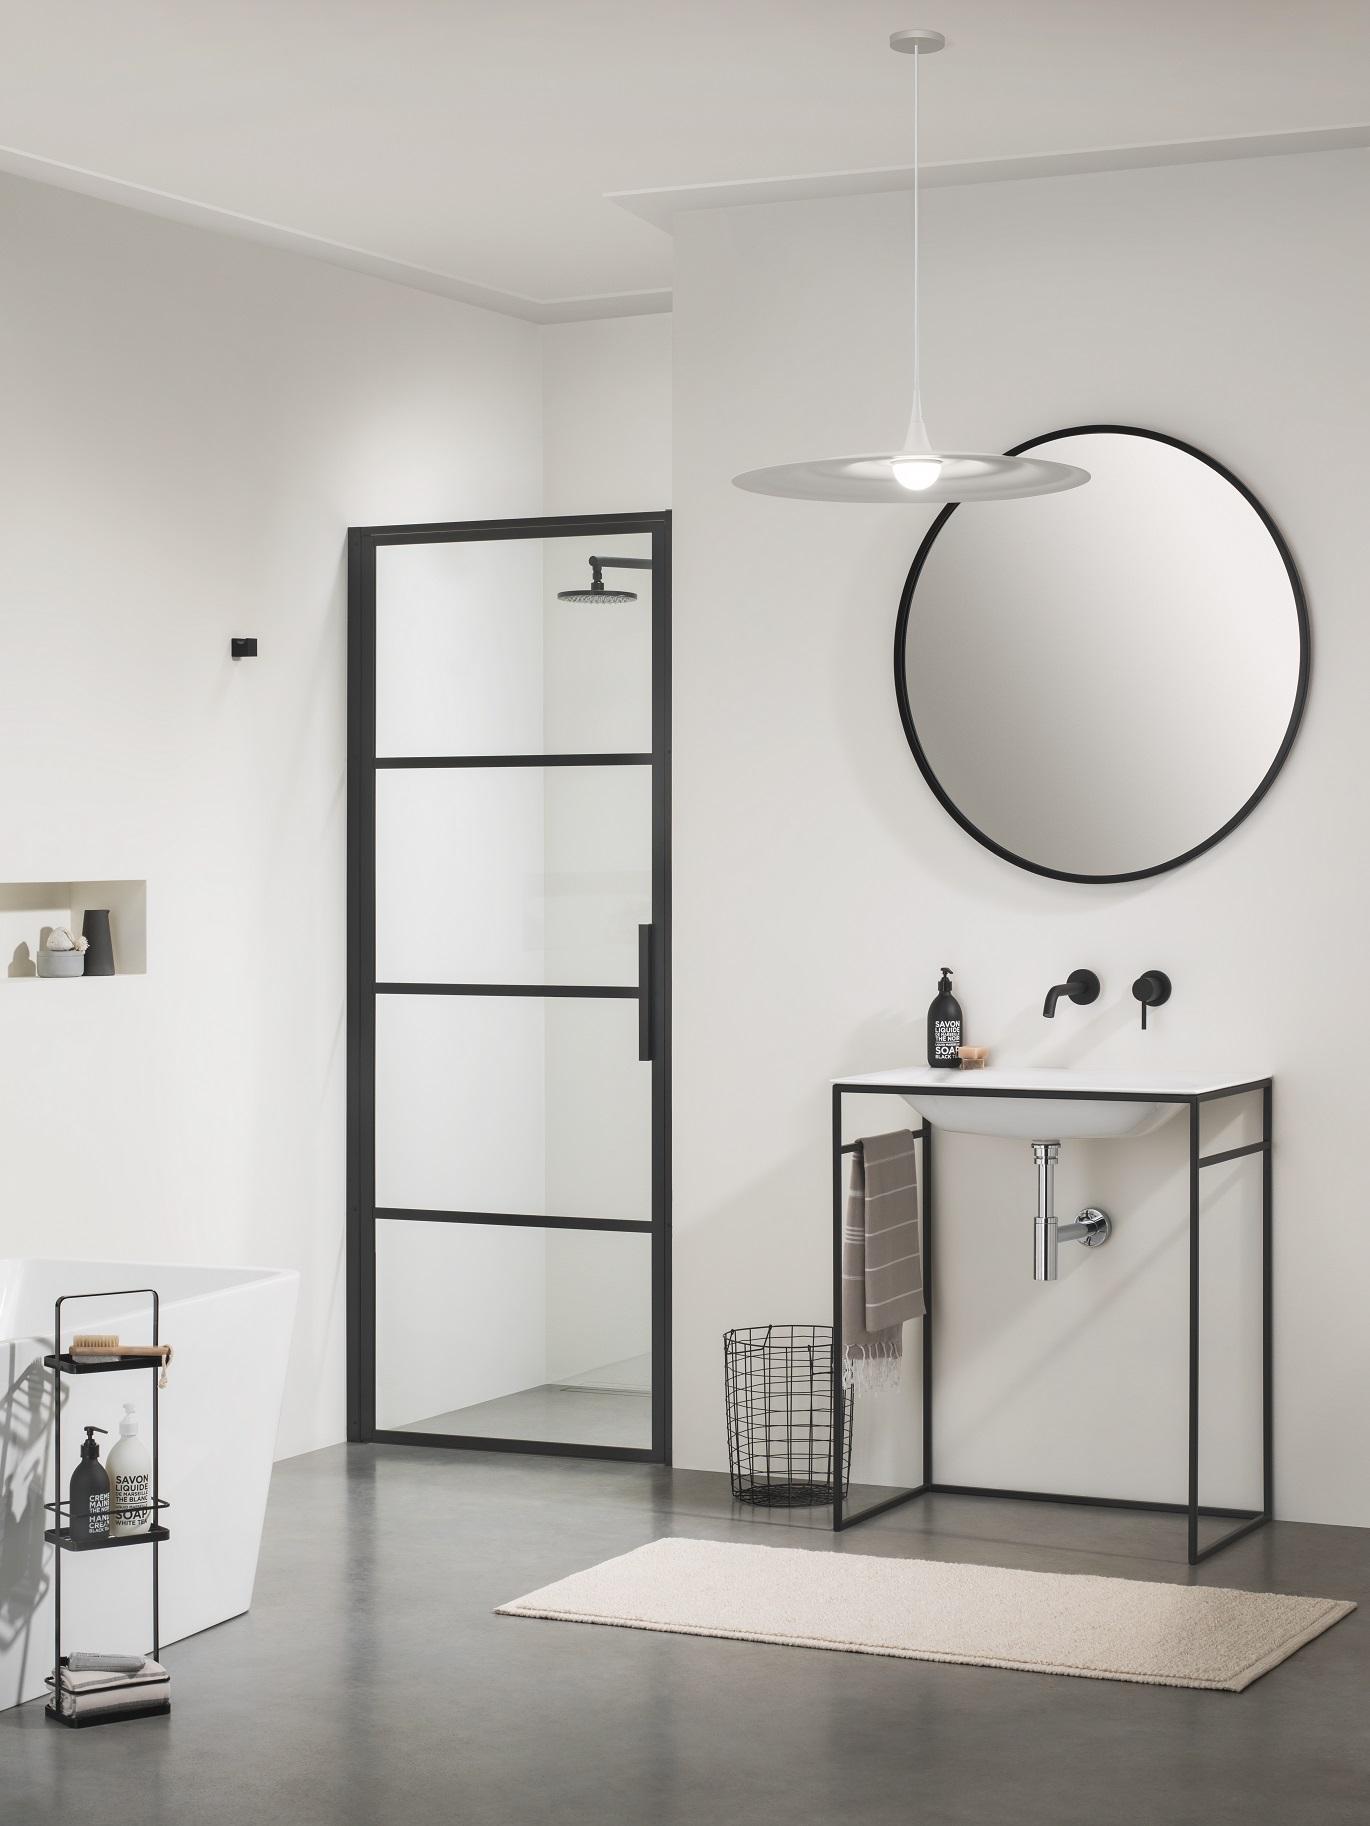 Badkamertrend! Badkamer in zwart wit via Sanidrome. Sealskin nisdeur – douchedeur  #sanidrome #badkamer #badkamertrend #badkameridee #badkamerinspiratie #zwartwit #sealskin #douchen